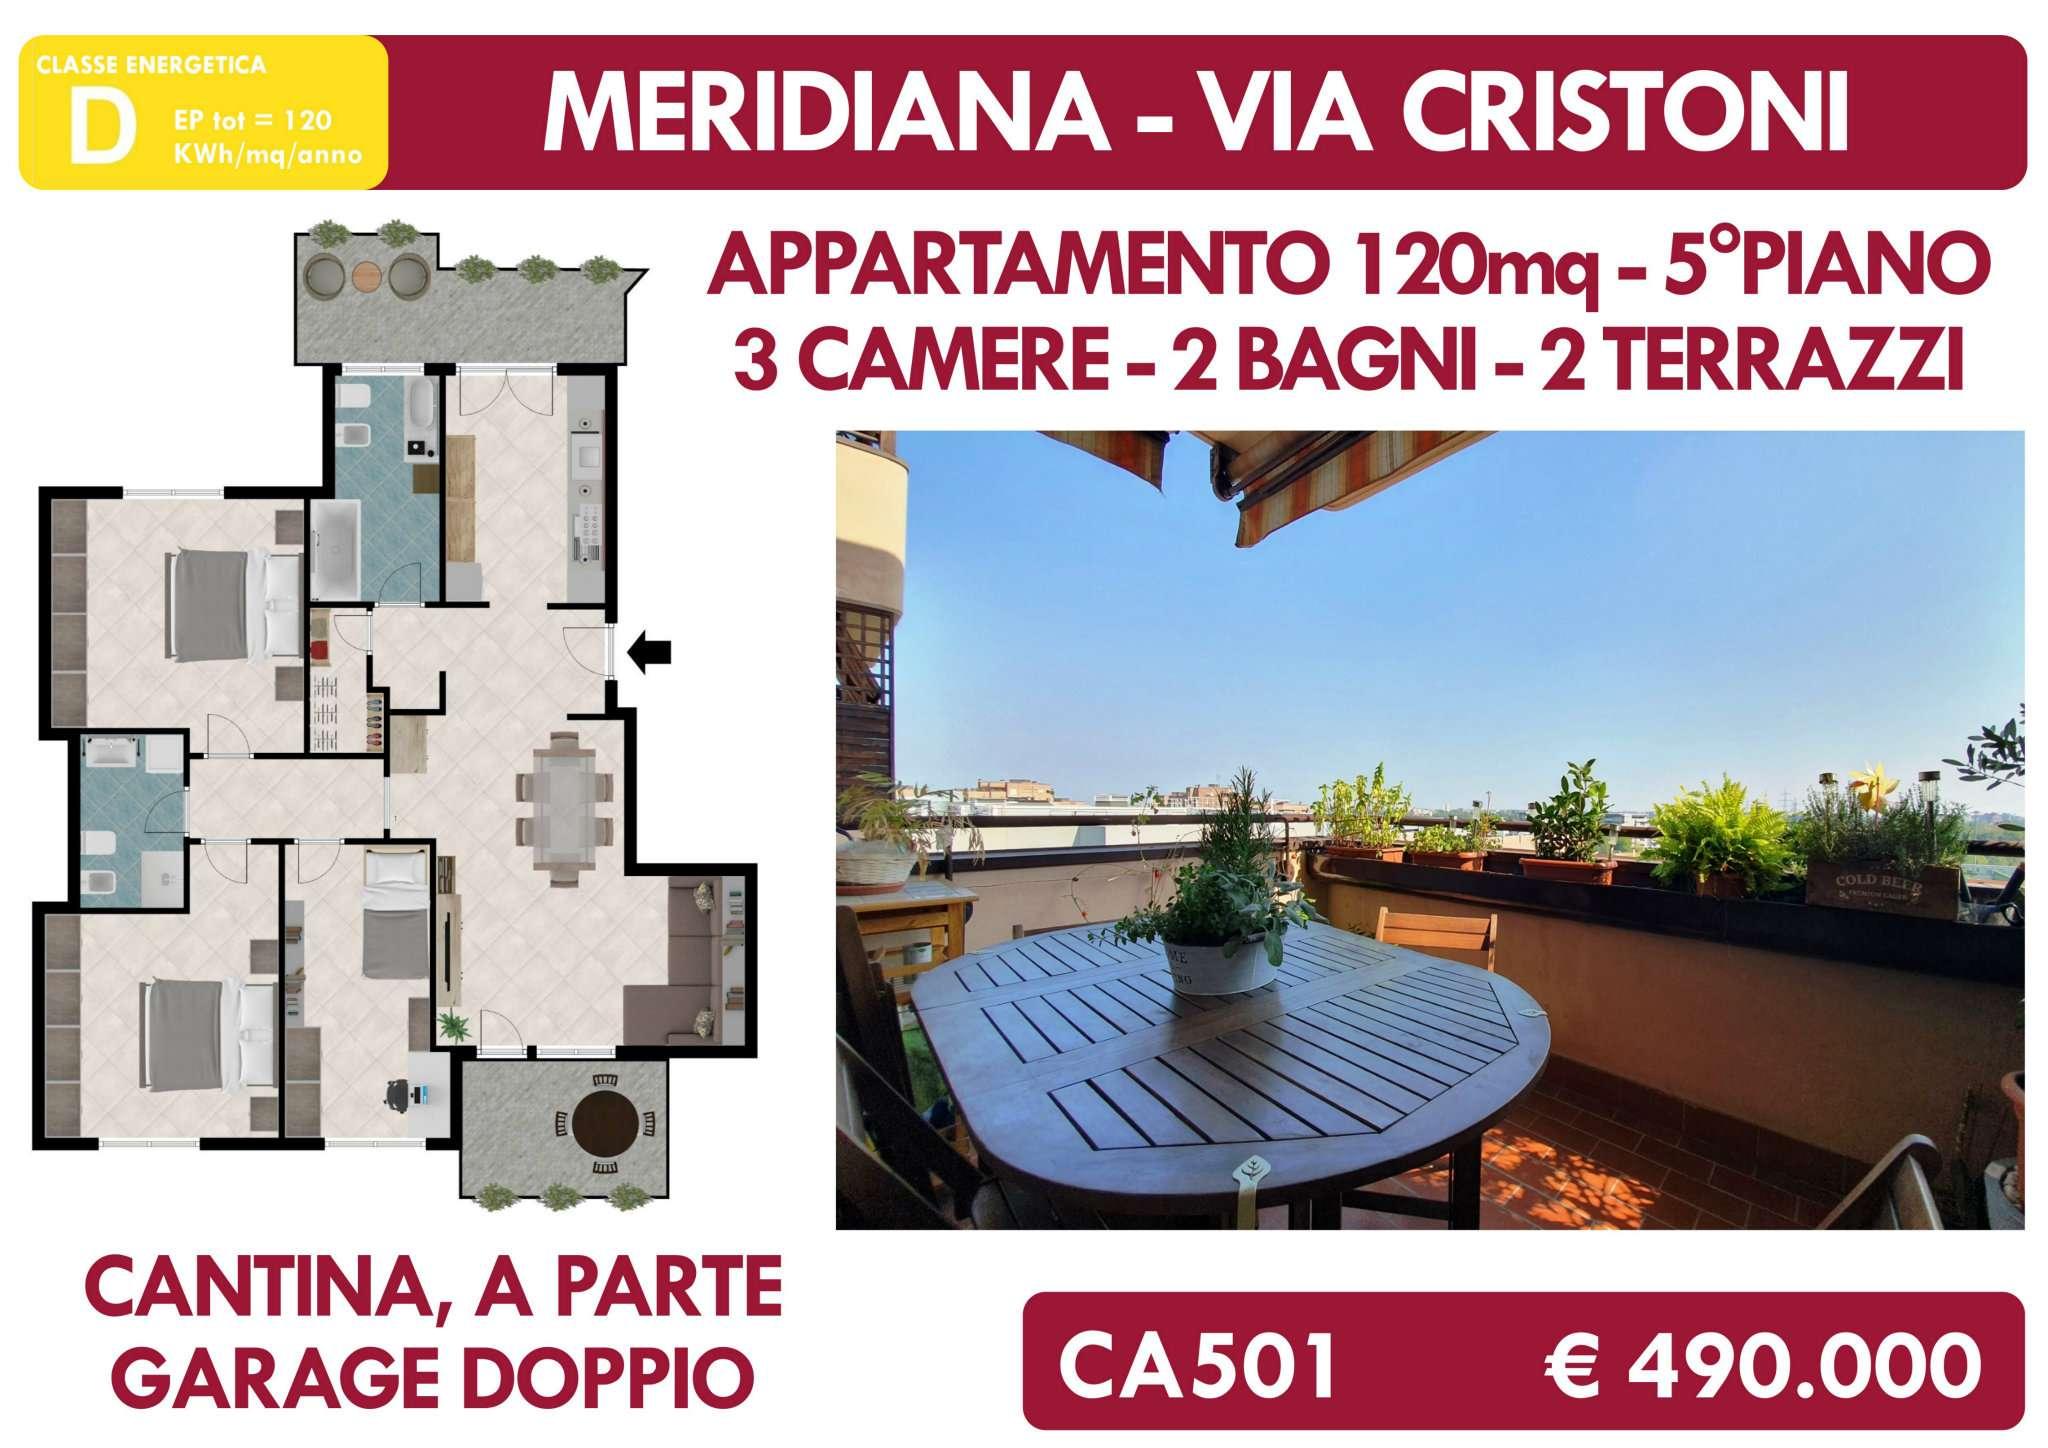 Appartamento in vendita a Casalecchio di Reno, 5 locali, prezzo € 490.000 | PortaleAgenzieImmobiliari.it